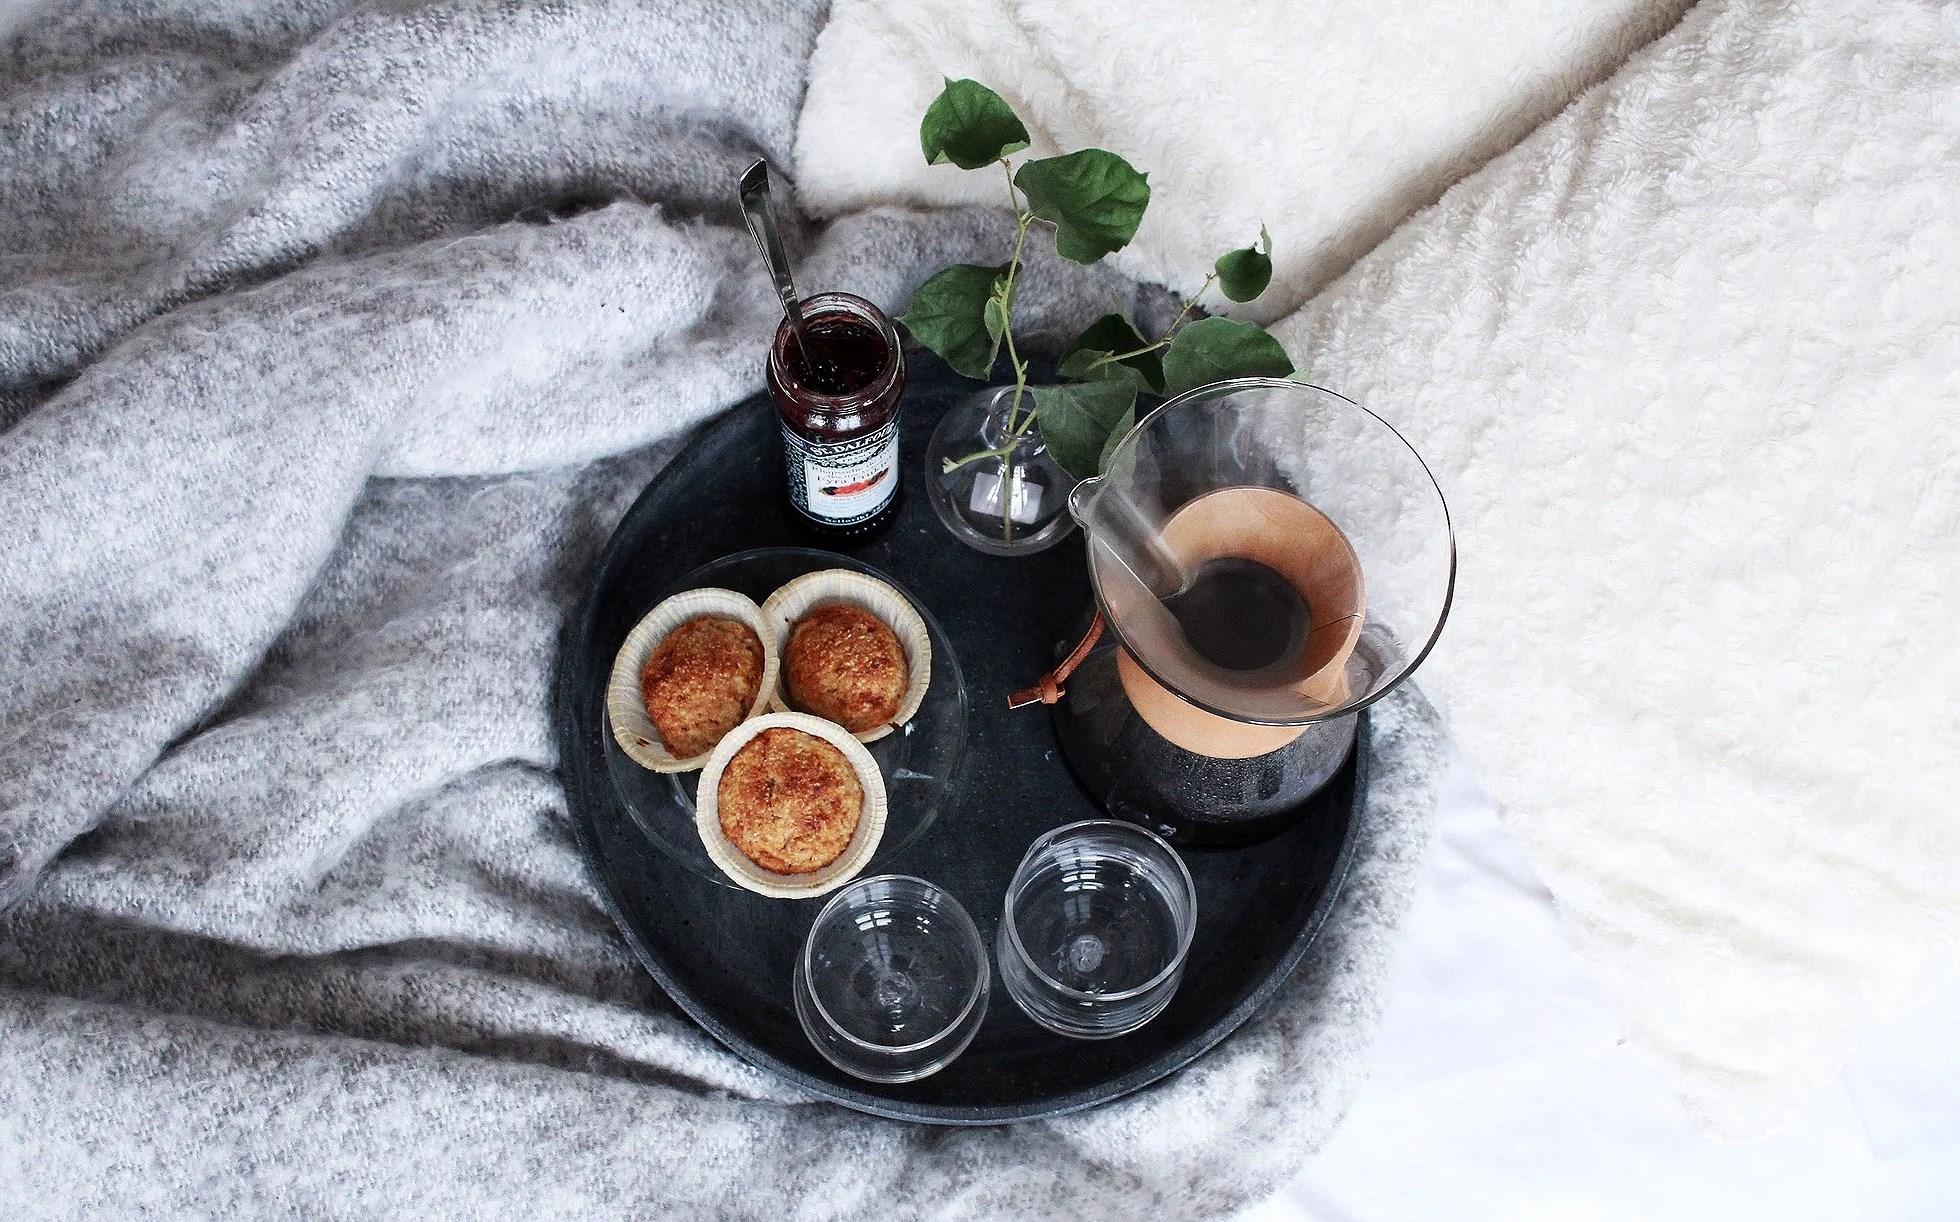 Recept på nyttigare scones!